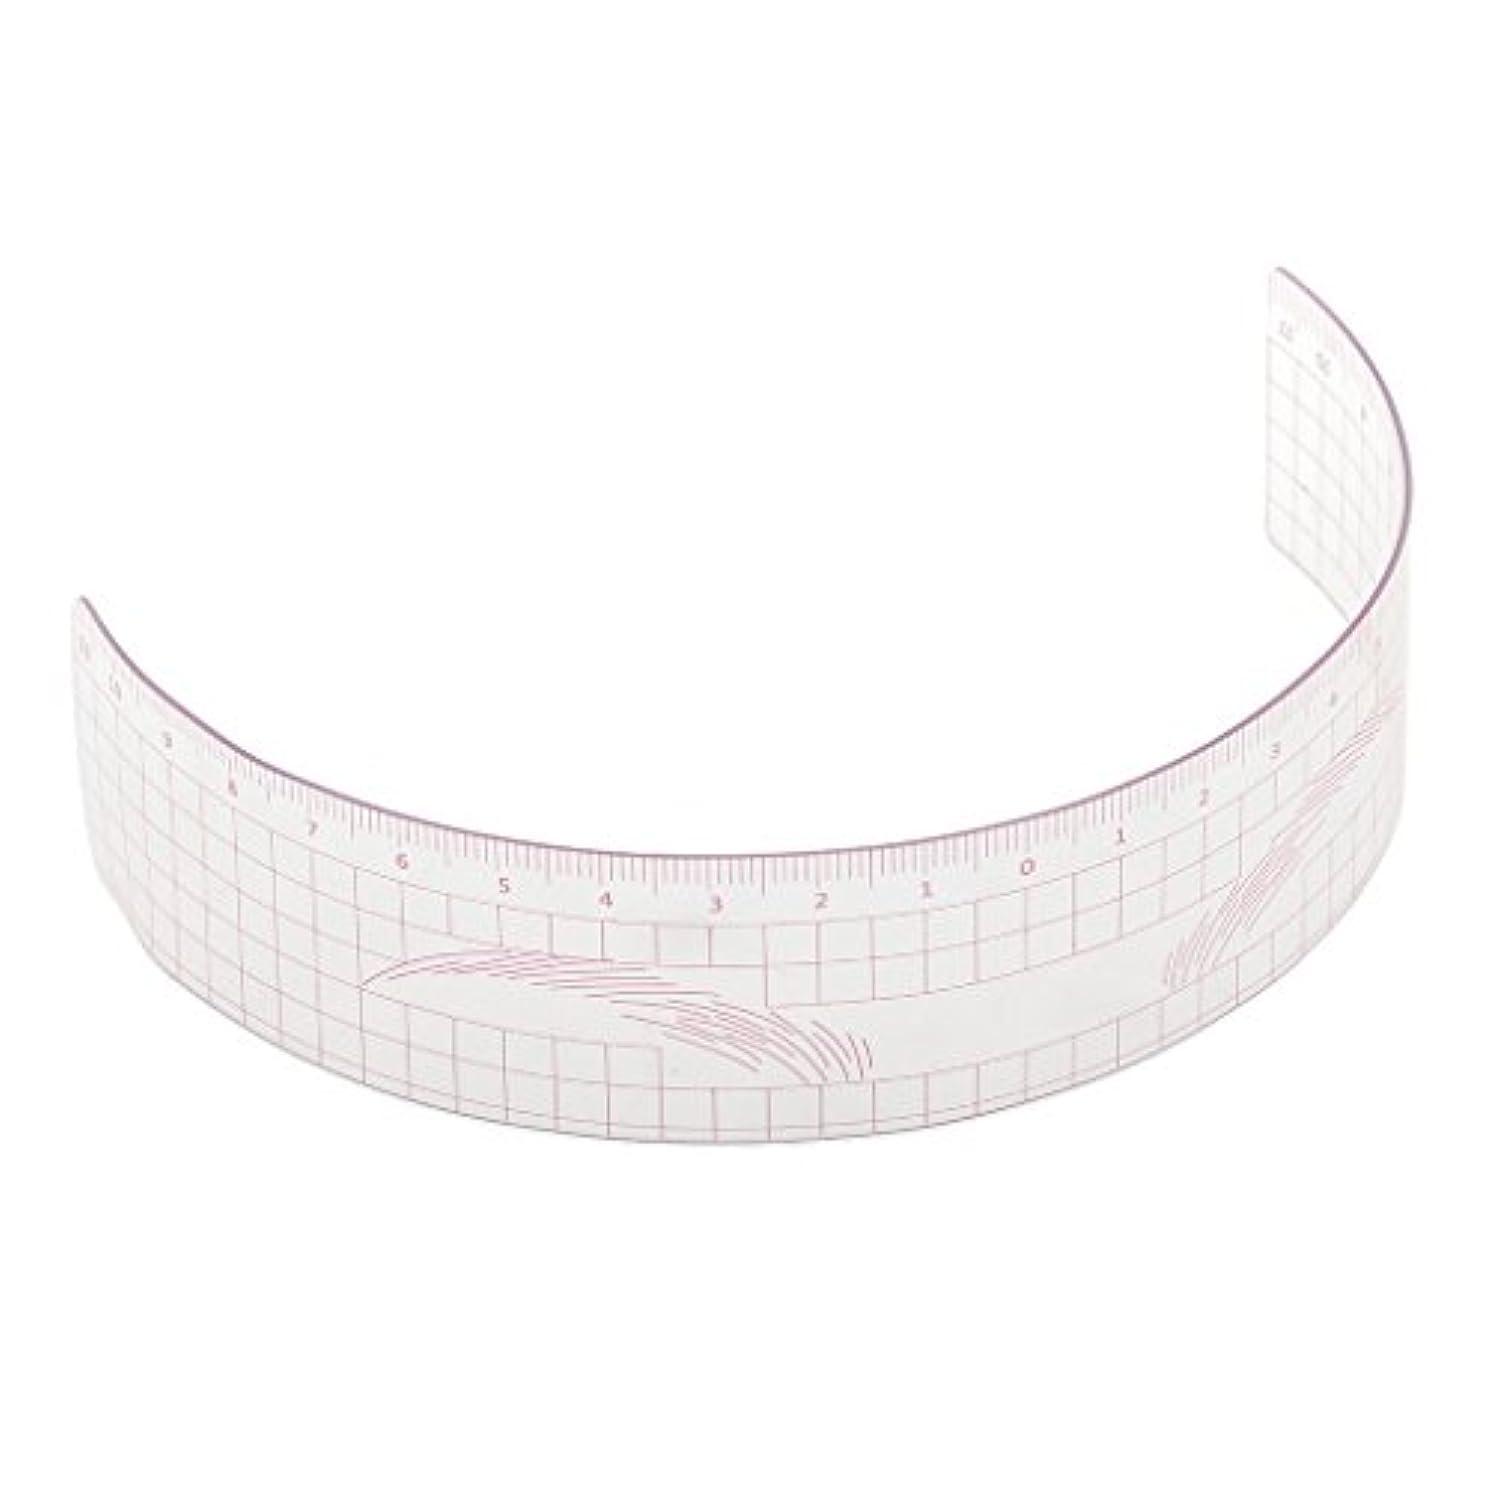 遺産ピカソ無許可P Prettyia 眉毛の定規 眉毛ステンシル 眉毛ルーラー 測定用 ルーラー マイクロブレード 再利用可能 全3色 - ピンク